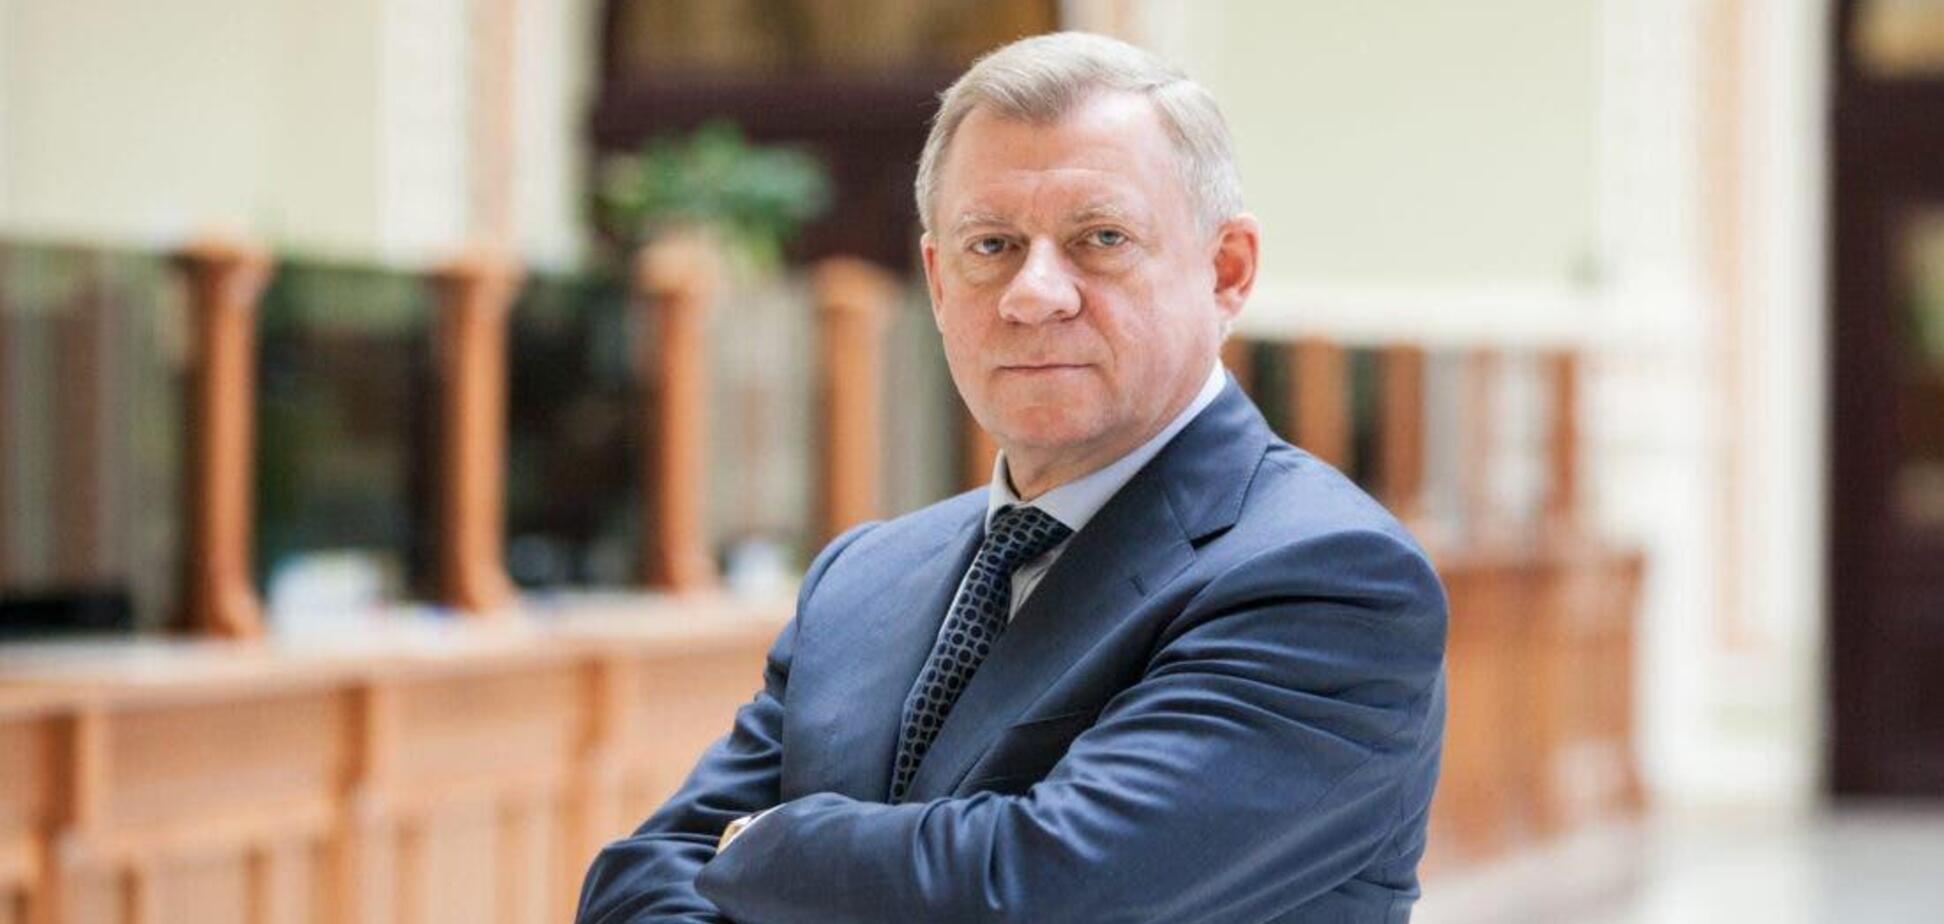 Яков Смолий рассказал, что от НБУ требовали повысить инфляцию и снизить курс гривны